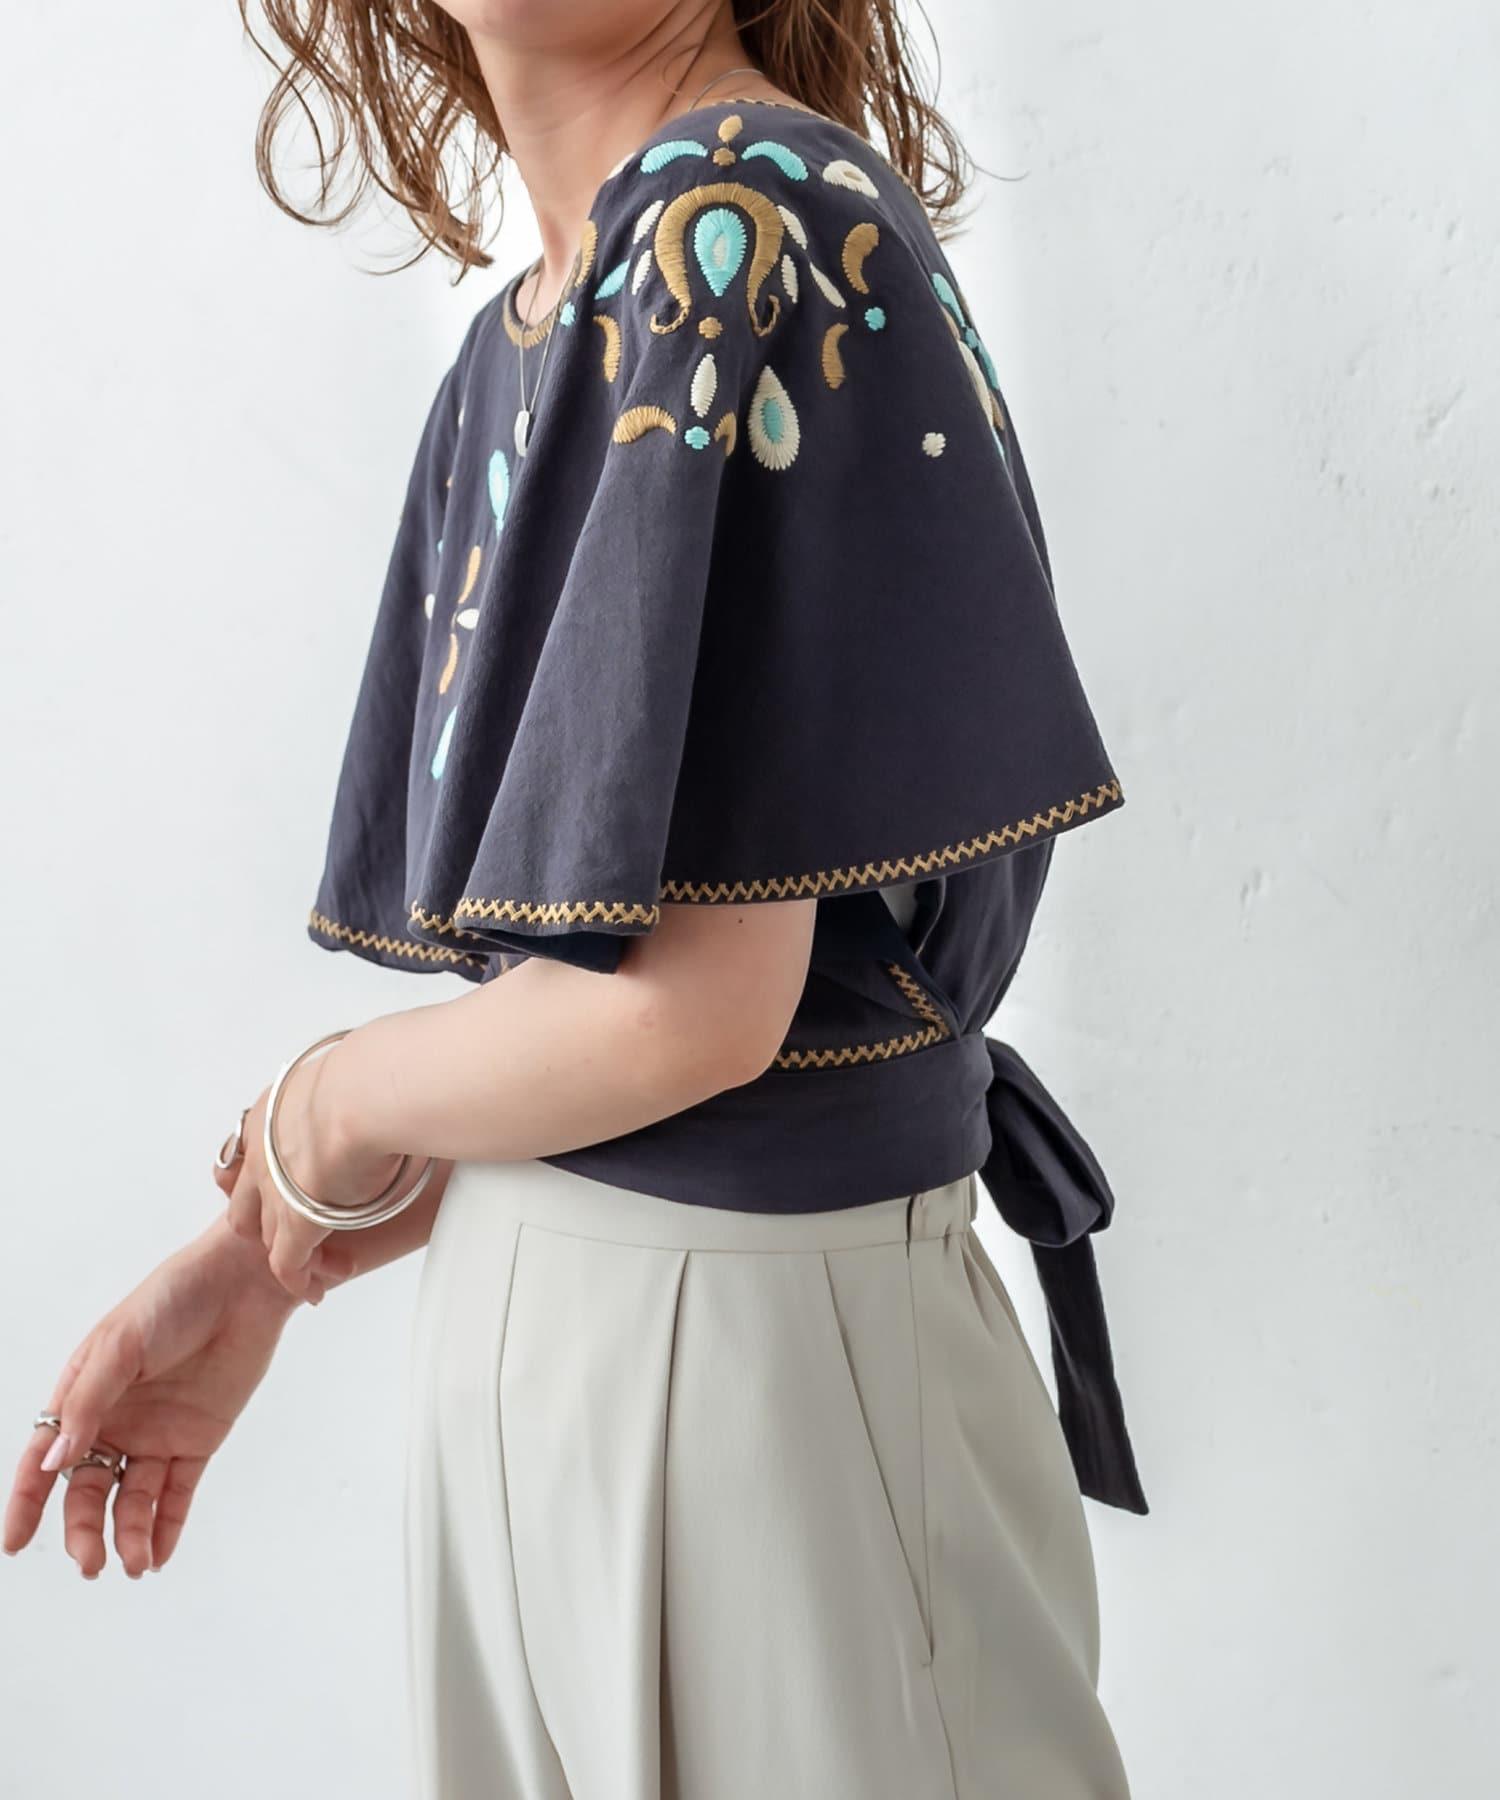 mystic(ミスティック) 刺繍ポンチョトップス